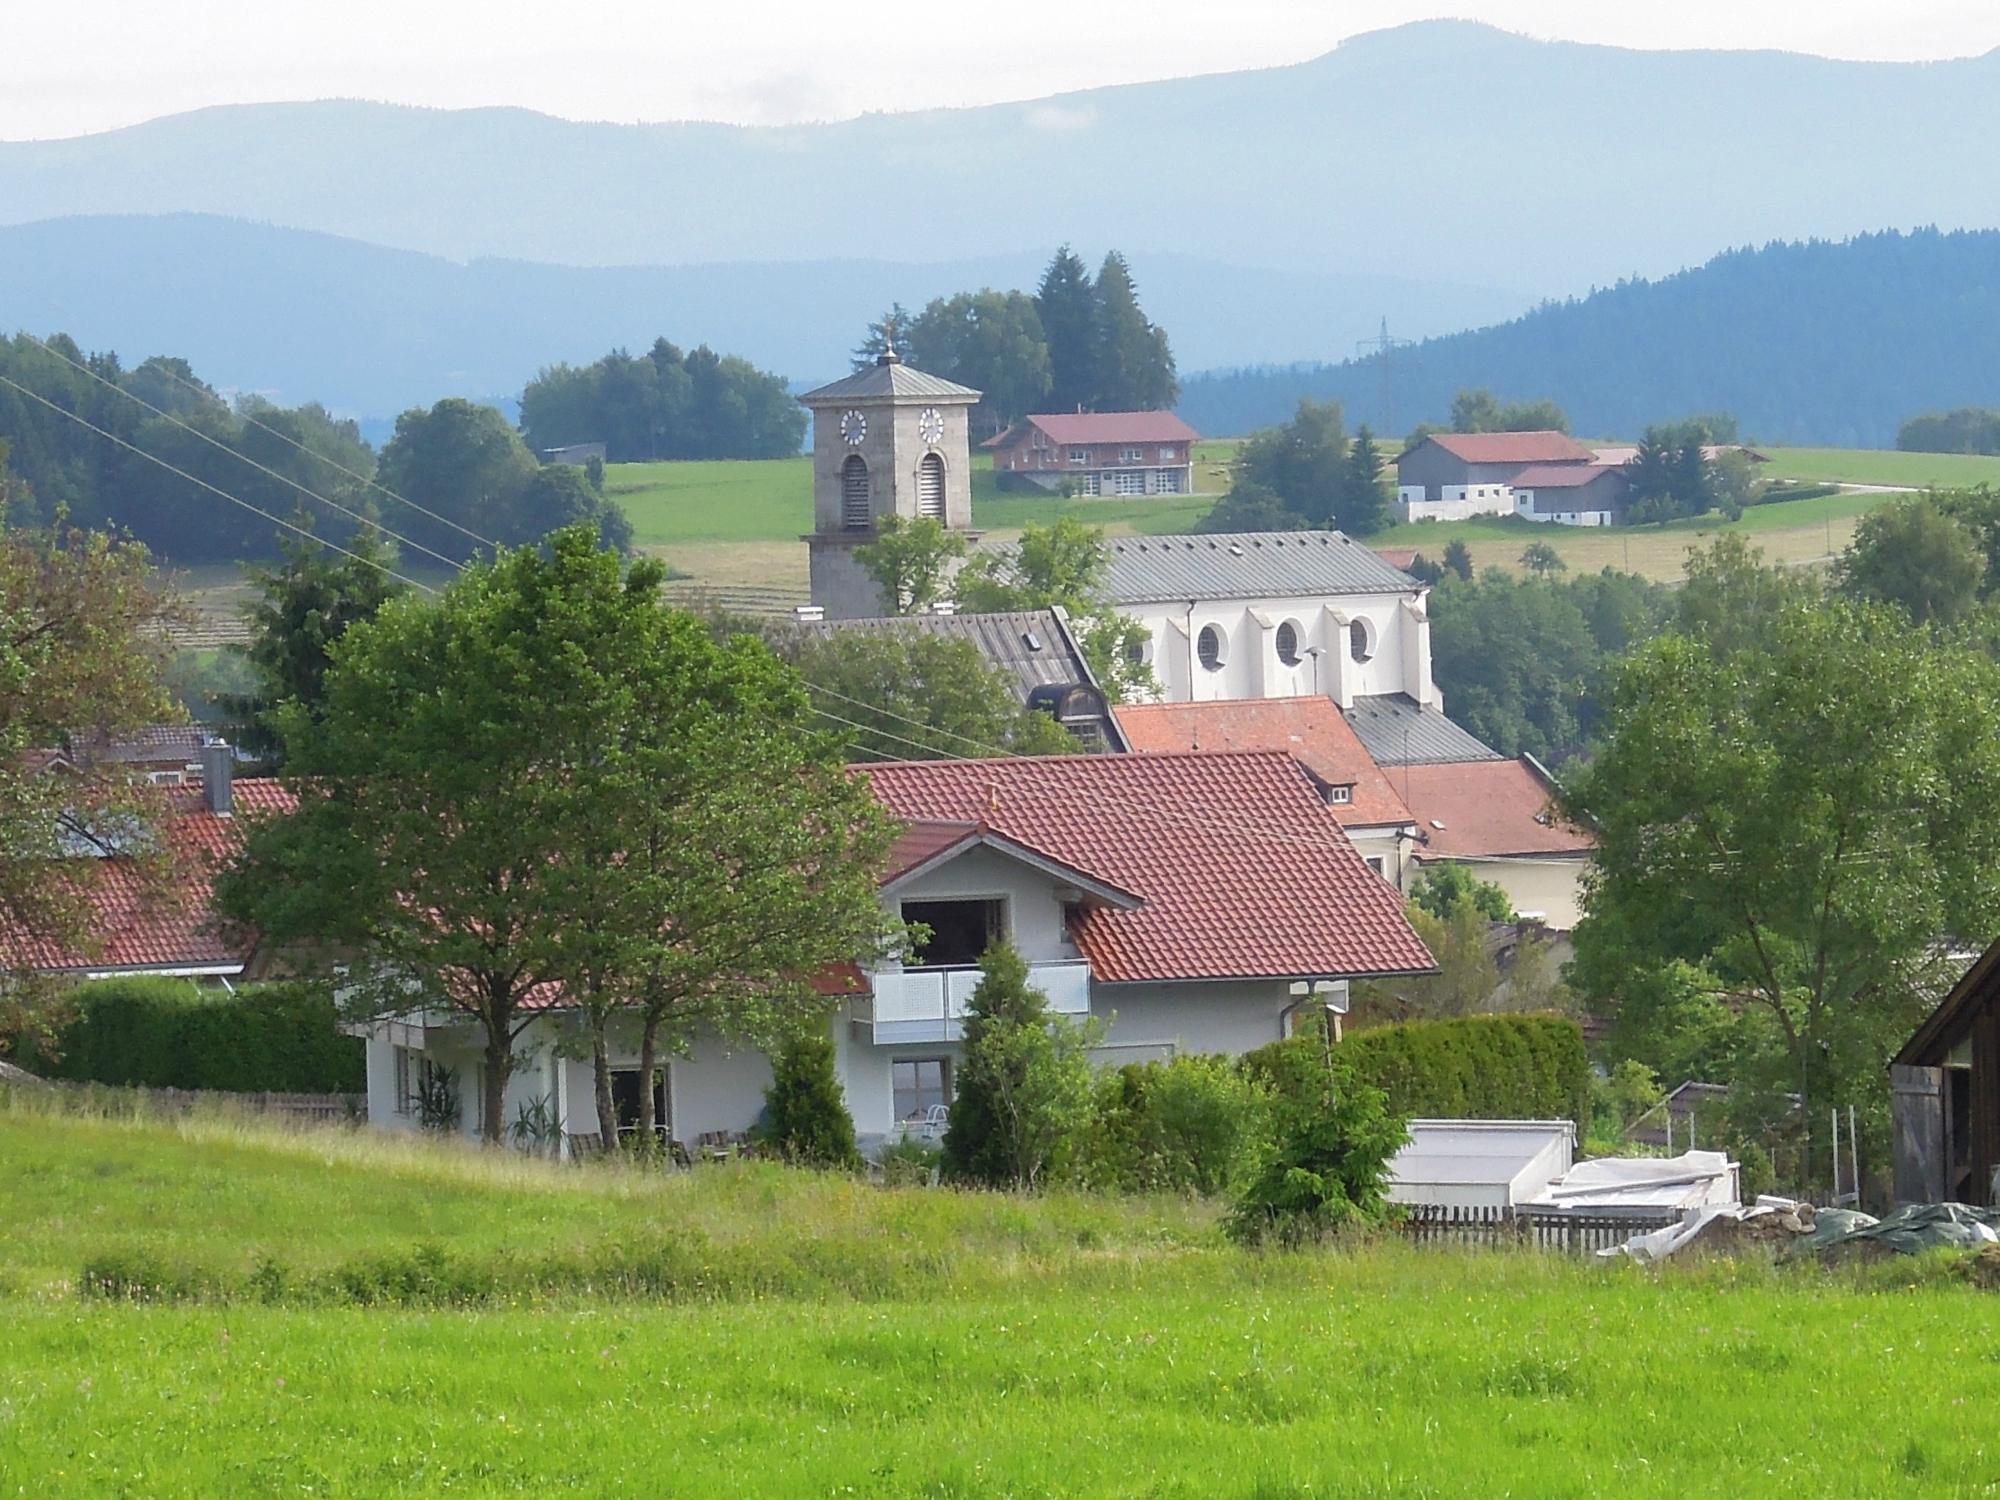 Gasthaus Klosterkeller